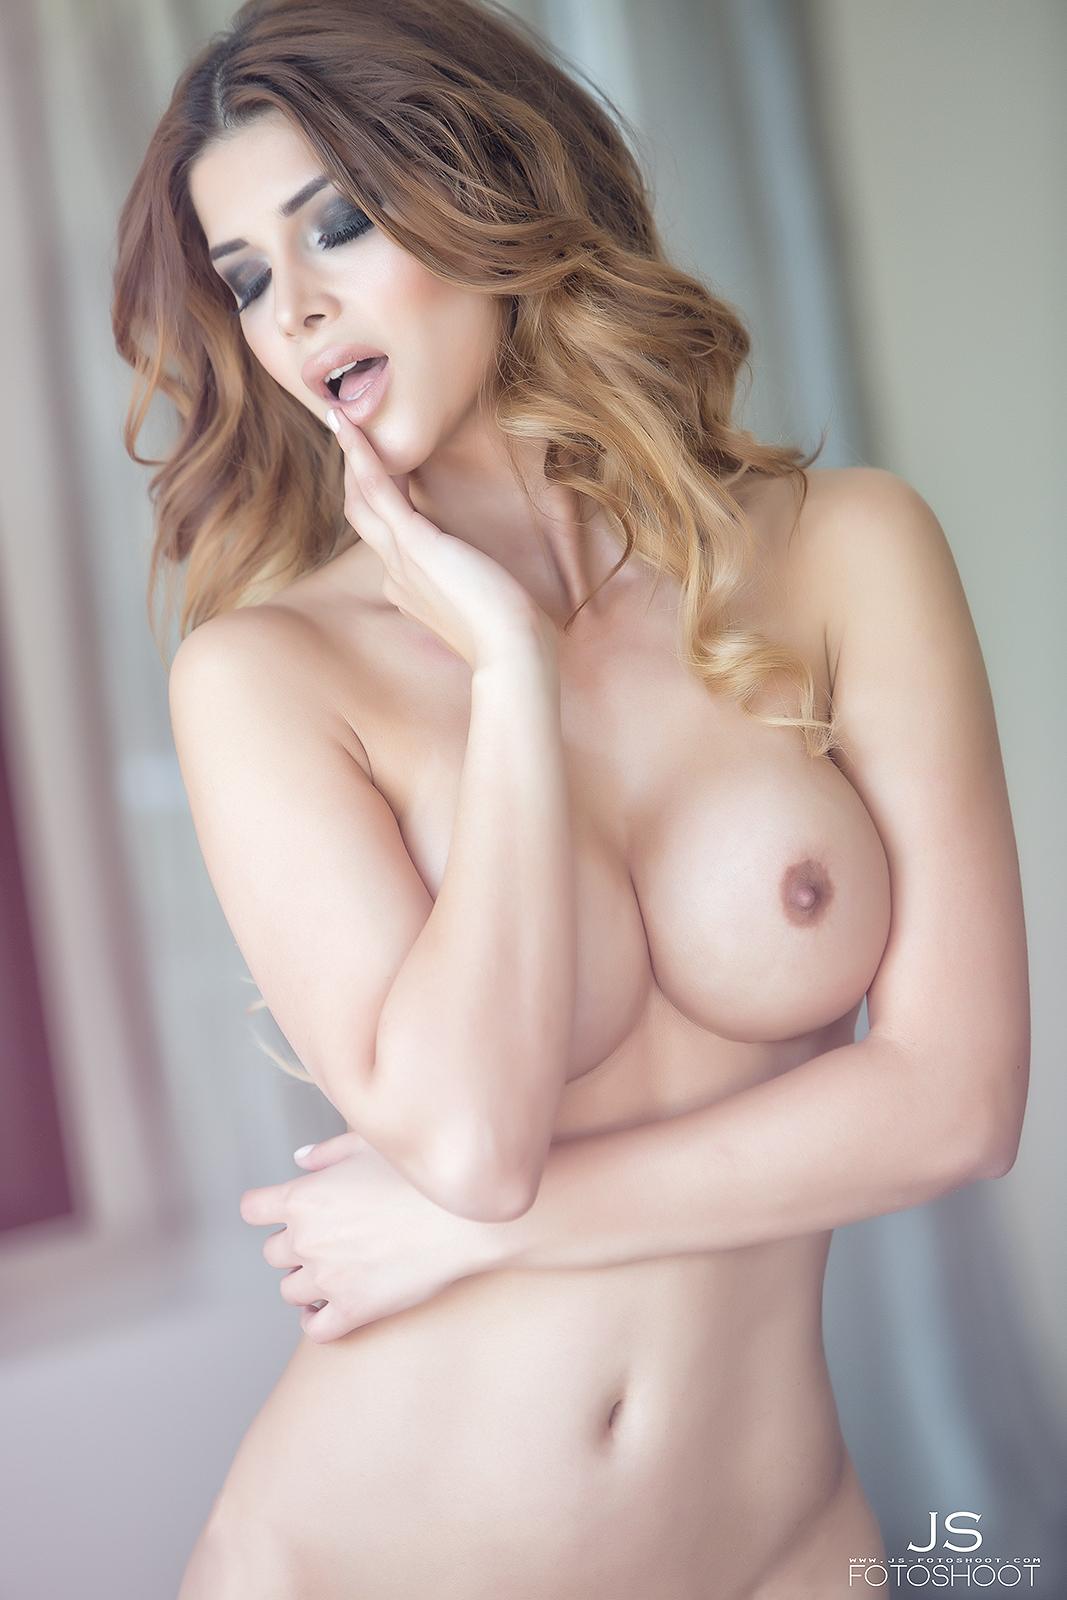 Micaela Schäfer Topless Photos 3